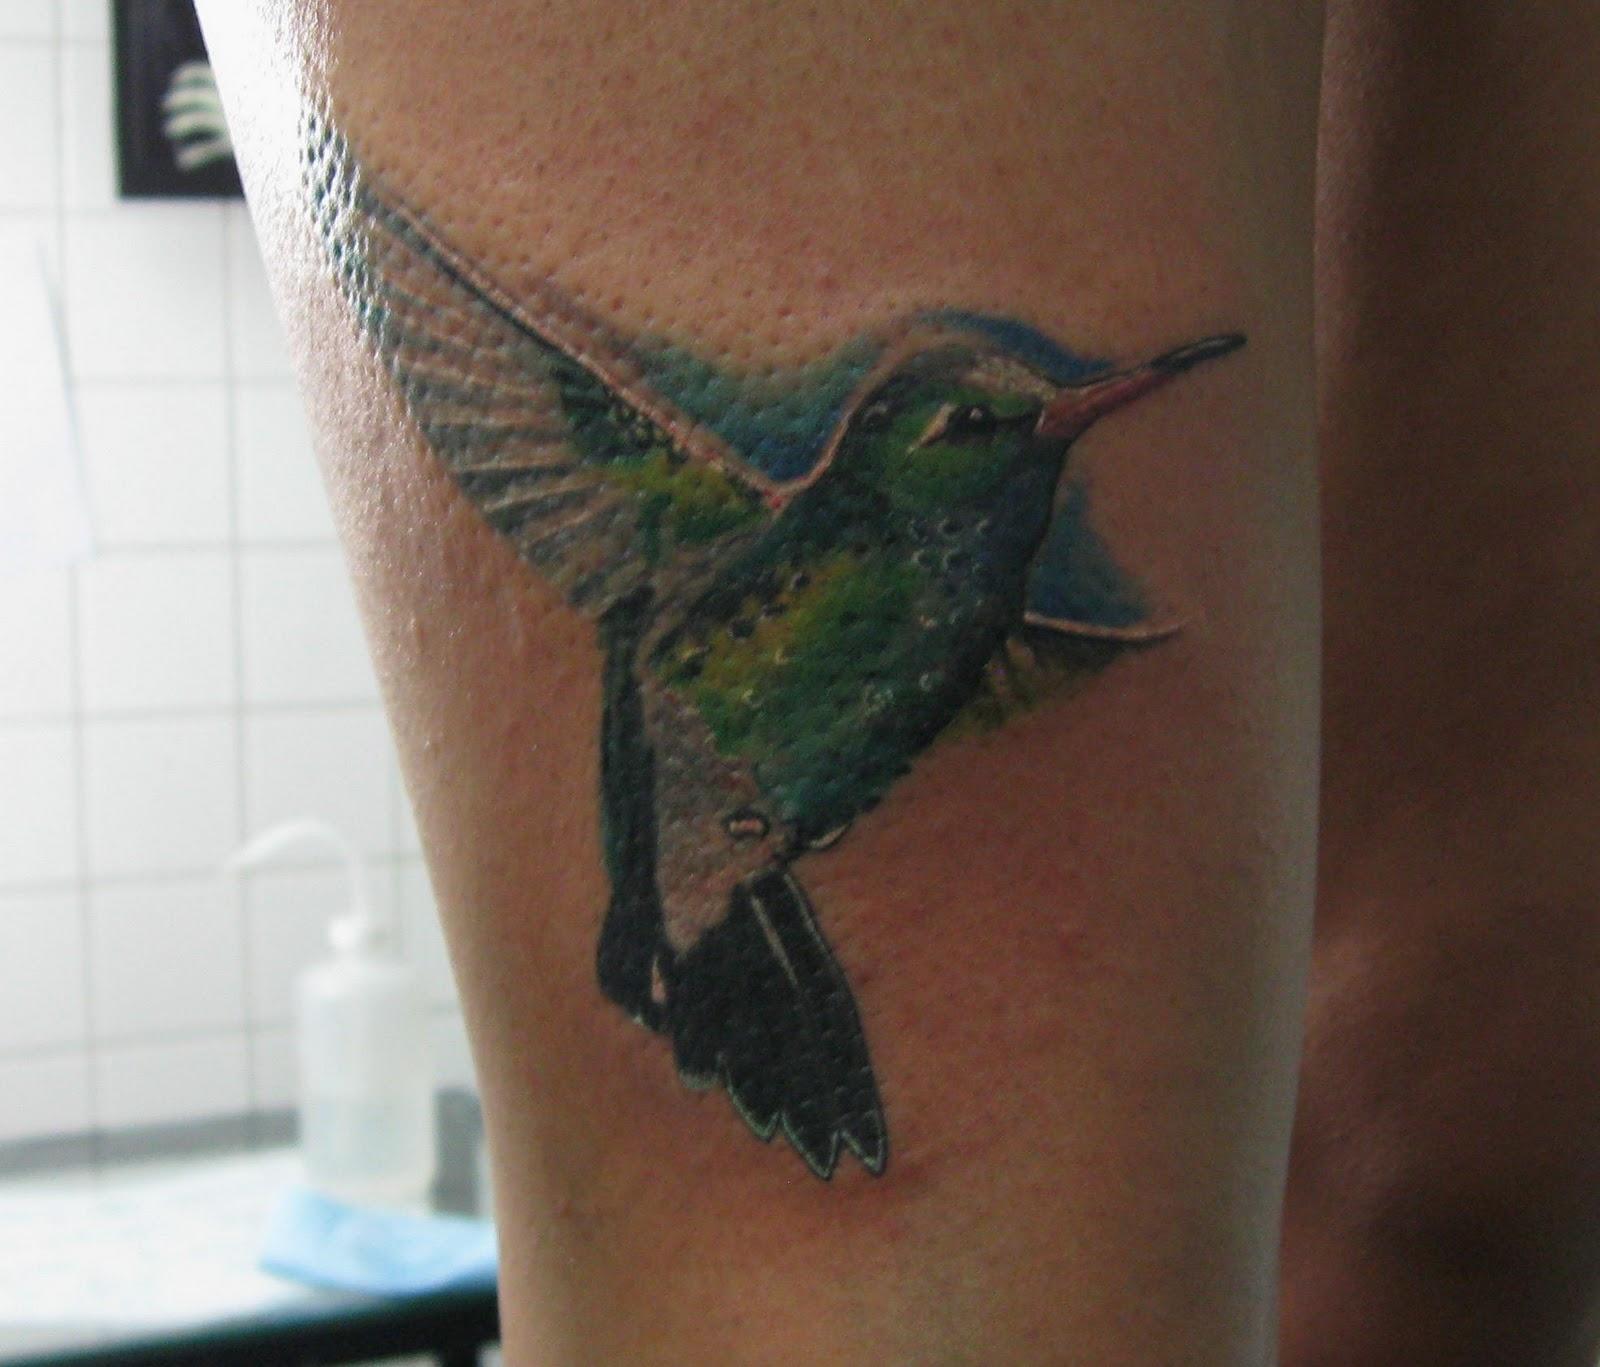 De colibri en la espalda significado tatuaje colibri tatuaje tattoo -  2 Tatuajes De Colibri En La Espalda Significado Tatuaje Car